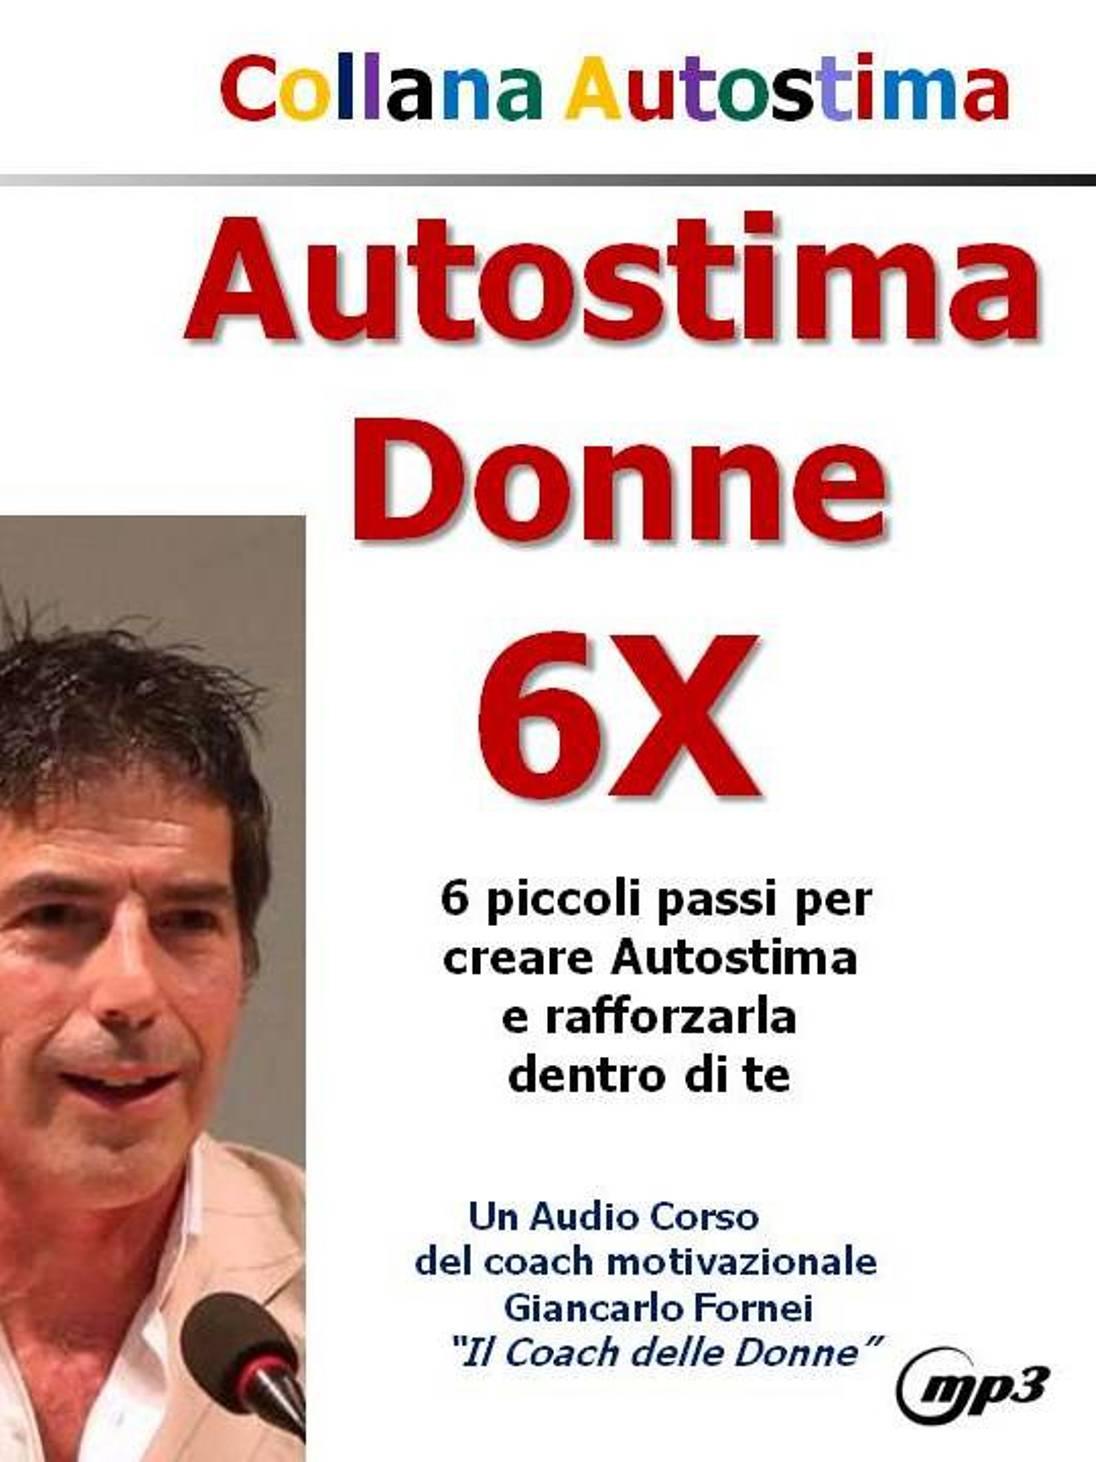 Autostima Donne 6X - il nuovo audiocorso Mp3 di Giancarlo Fornei